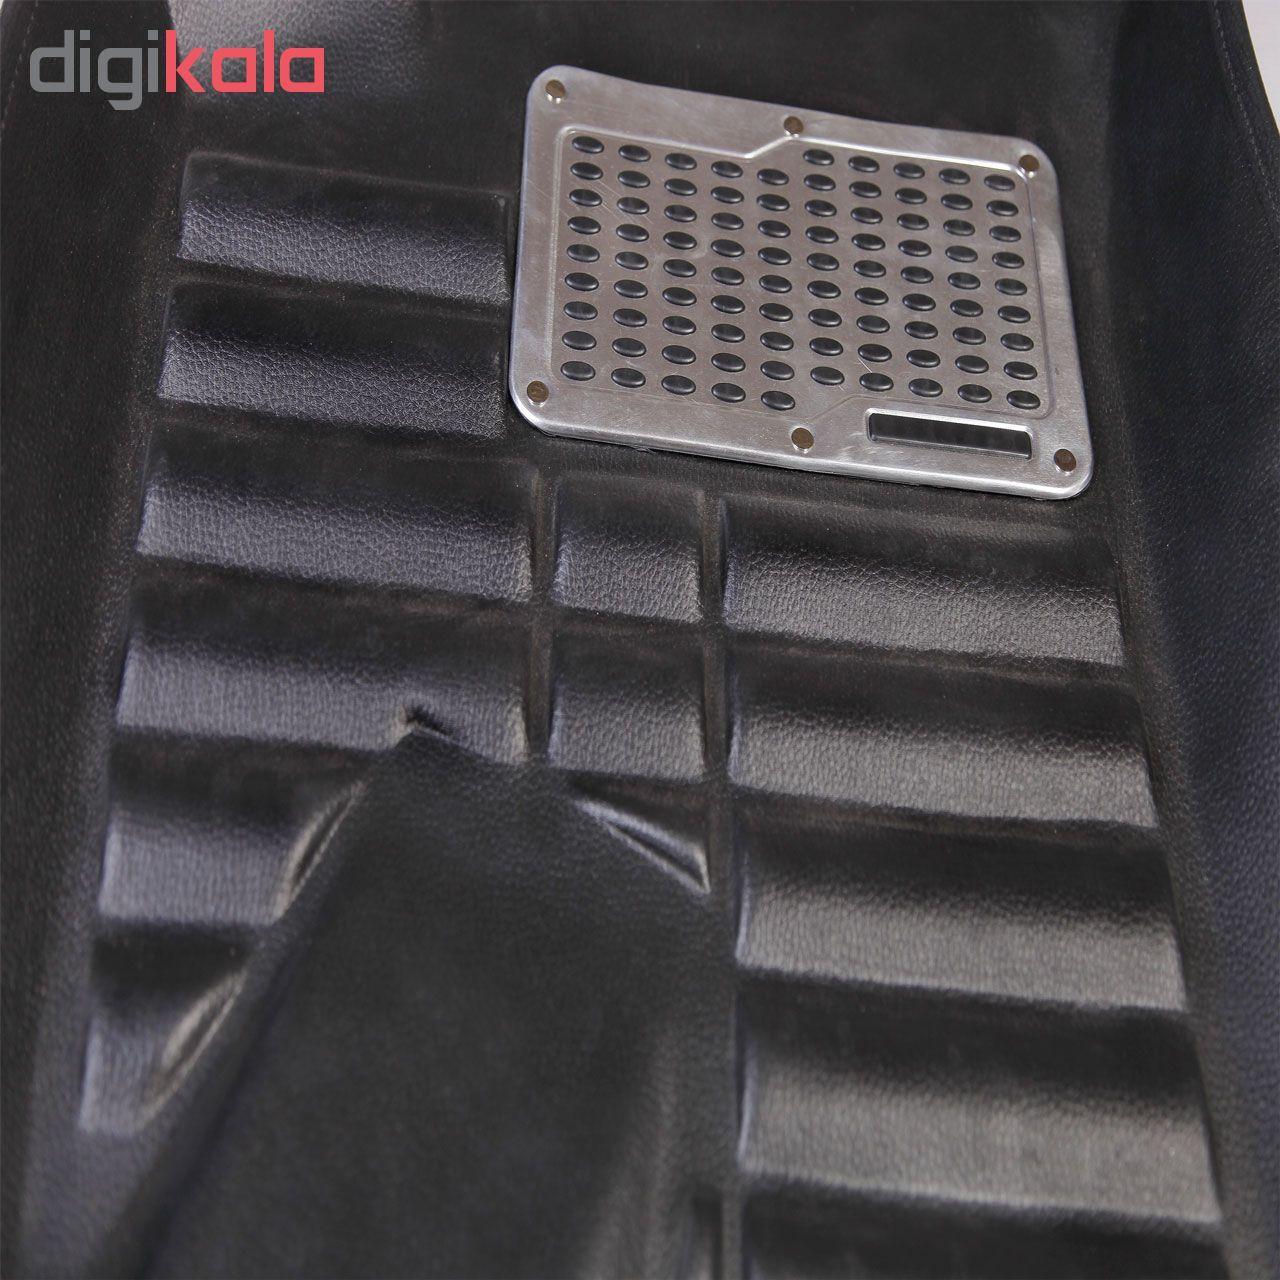 کفپوش سه بعدی خودرو مدل پالیز مناسب برای دنا-سمند-پژو 405-پارس main 1 5